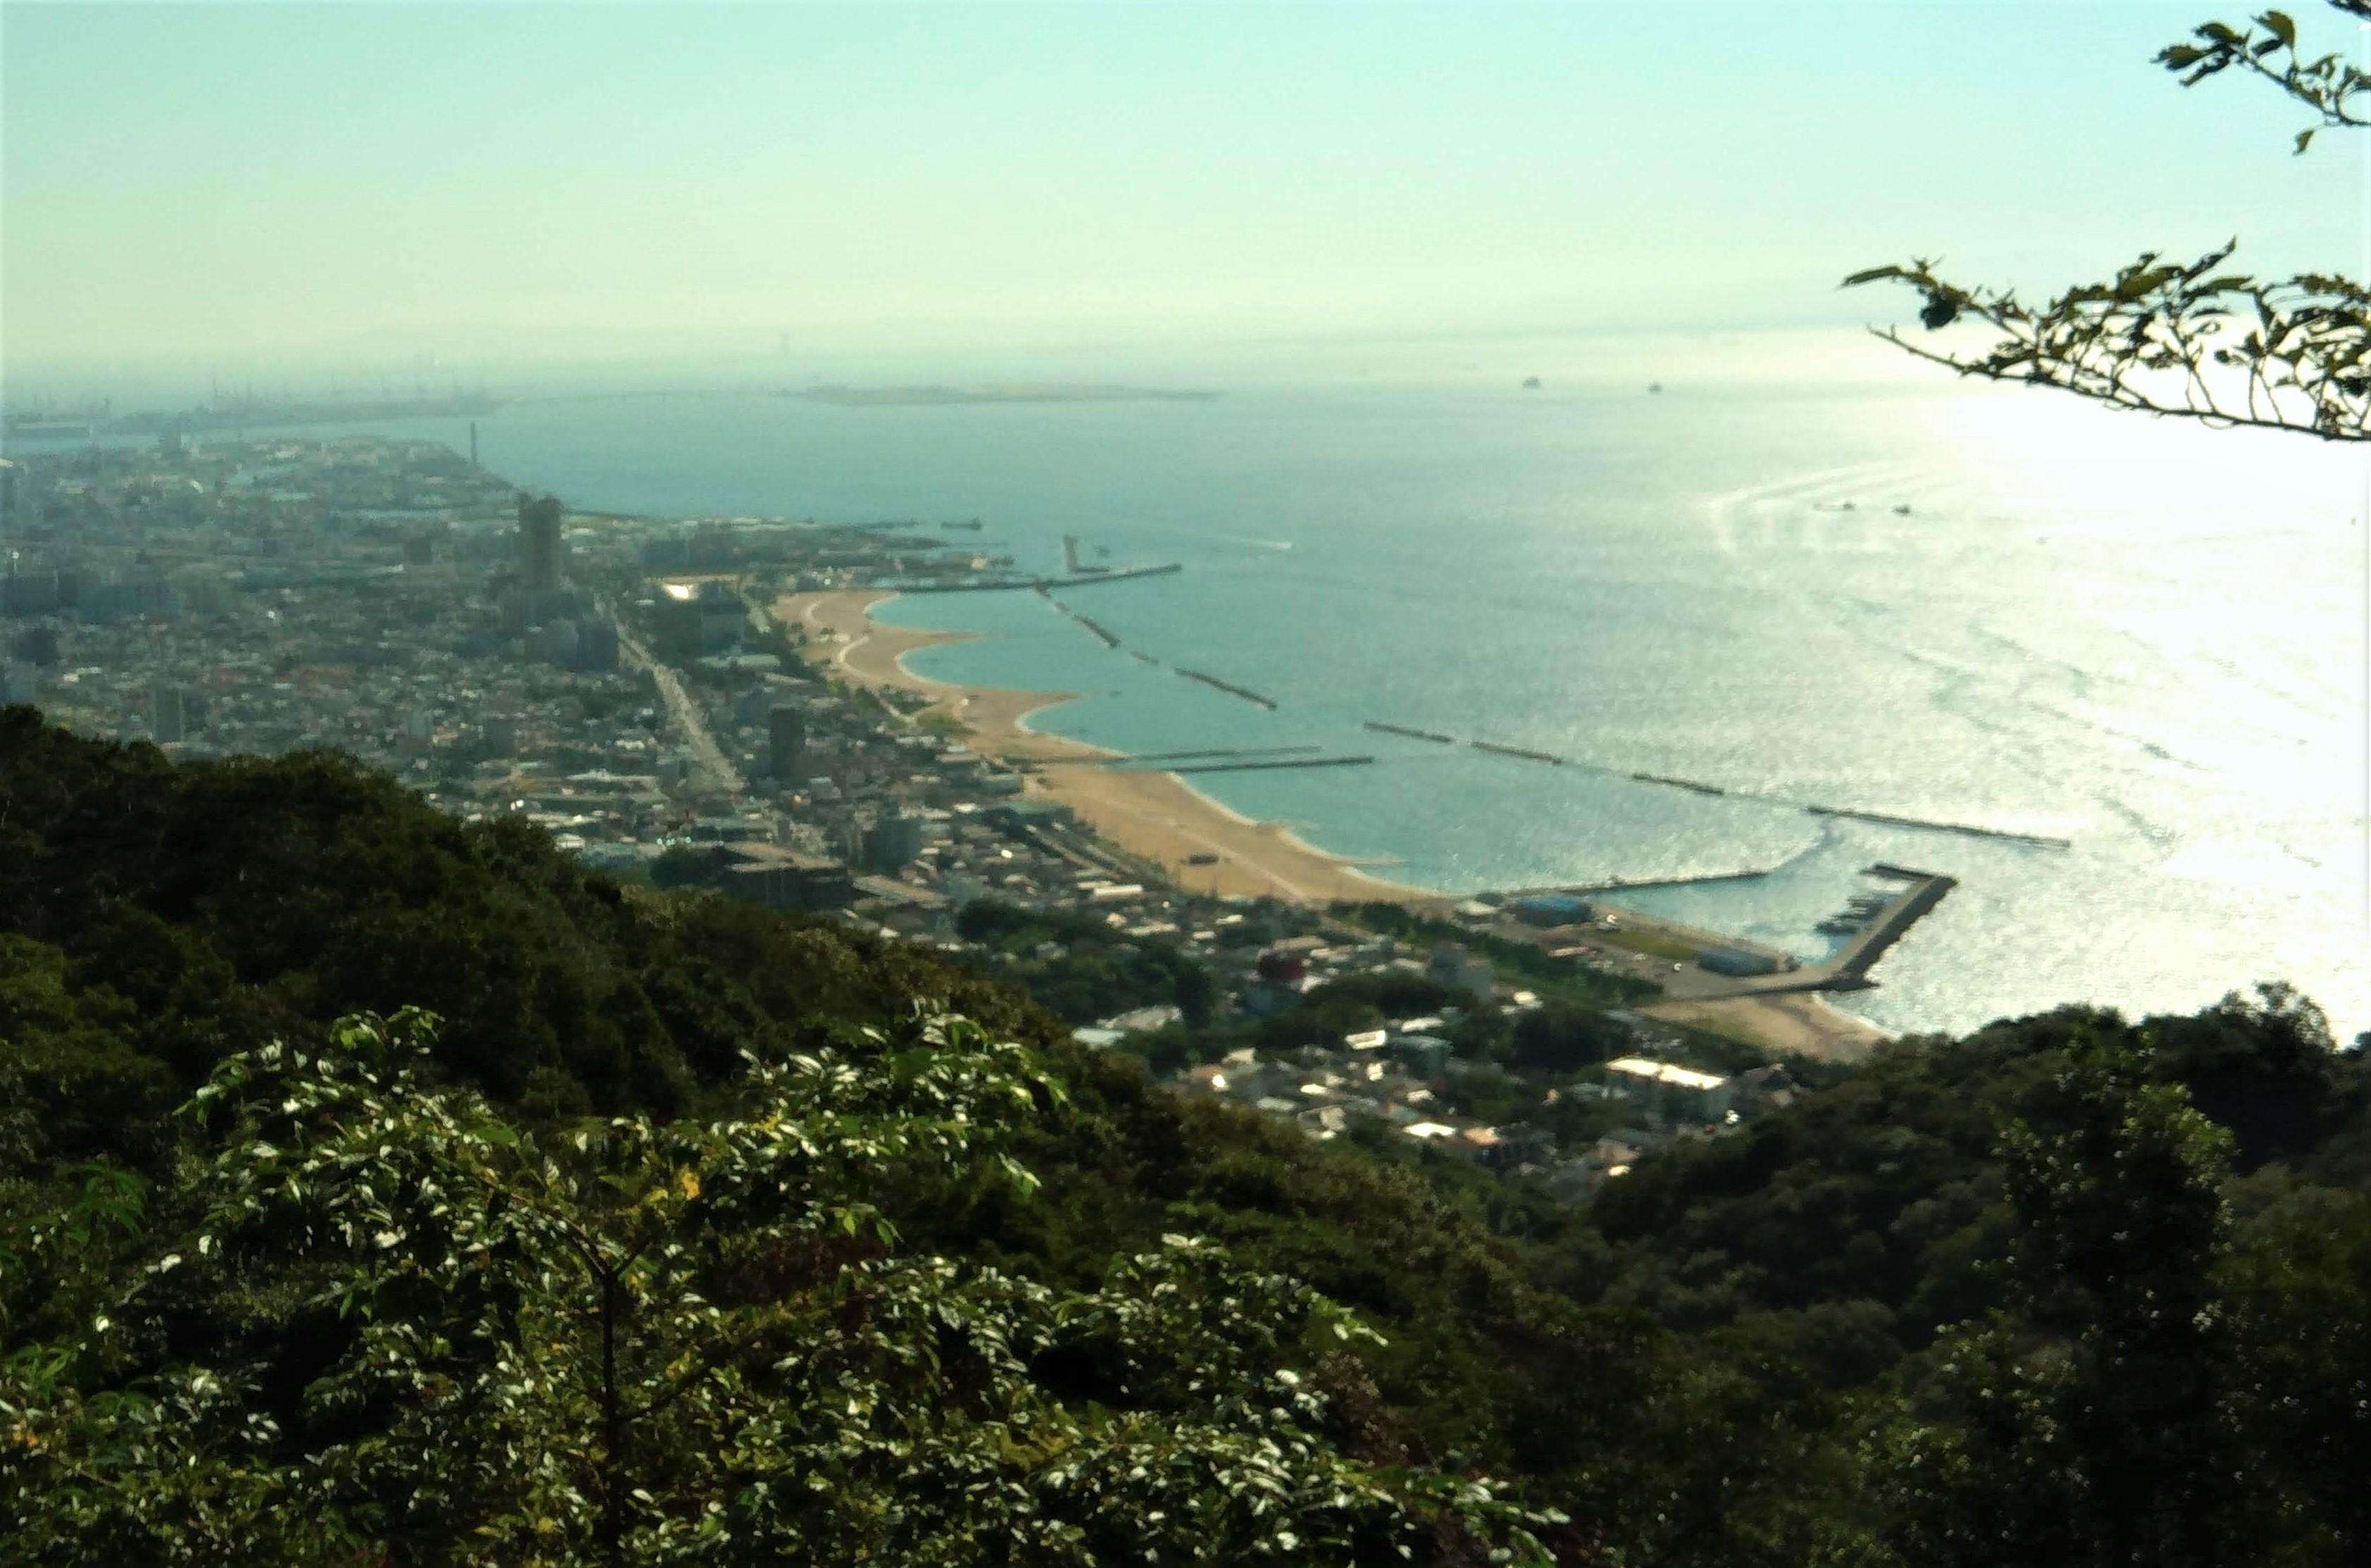 旗振山山頂から須磨浦の眺め